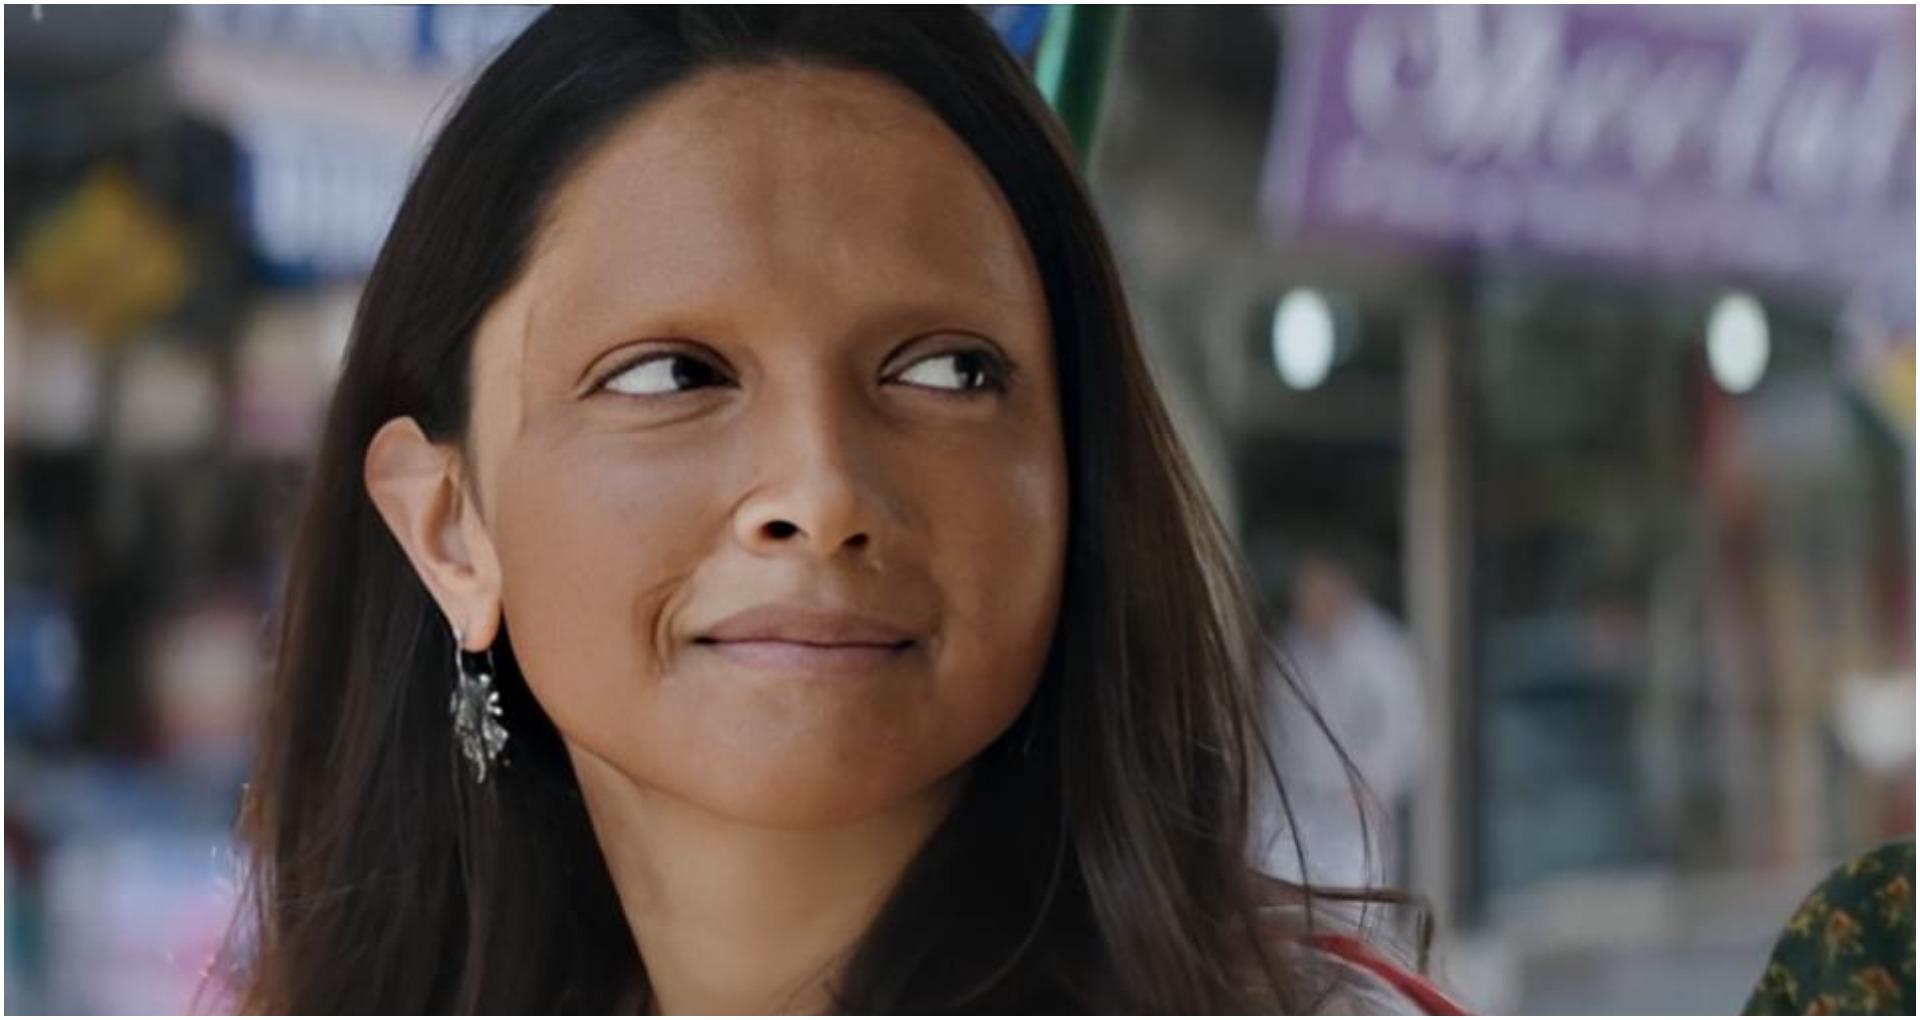 Chhapaak Box Office Collection: दीपिका पादुकोण की 'छपाक' का विदेश में चला जादू, कमा डाले इतने करोड़